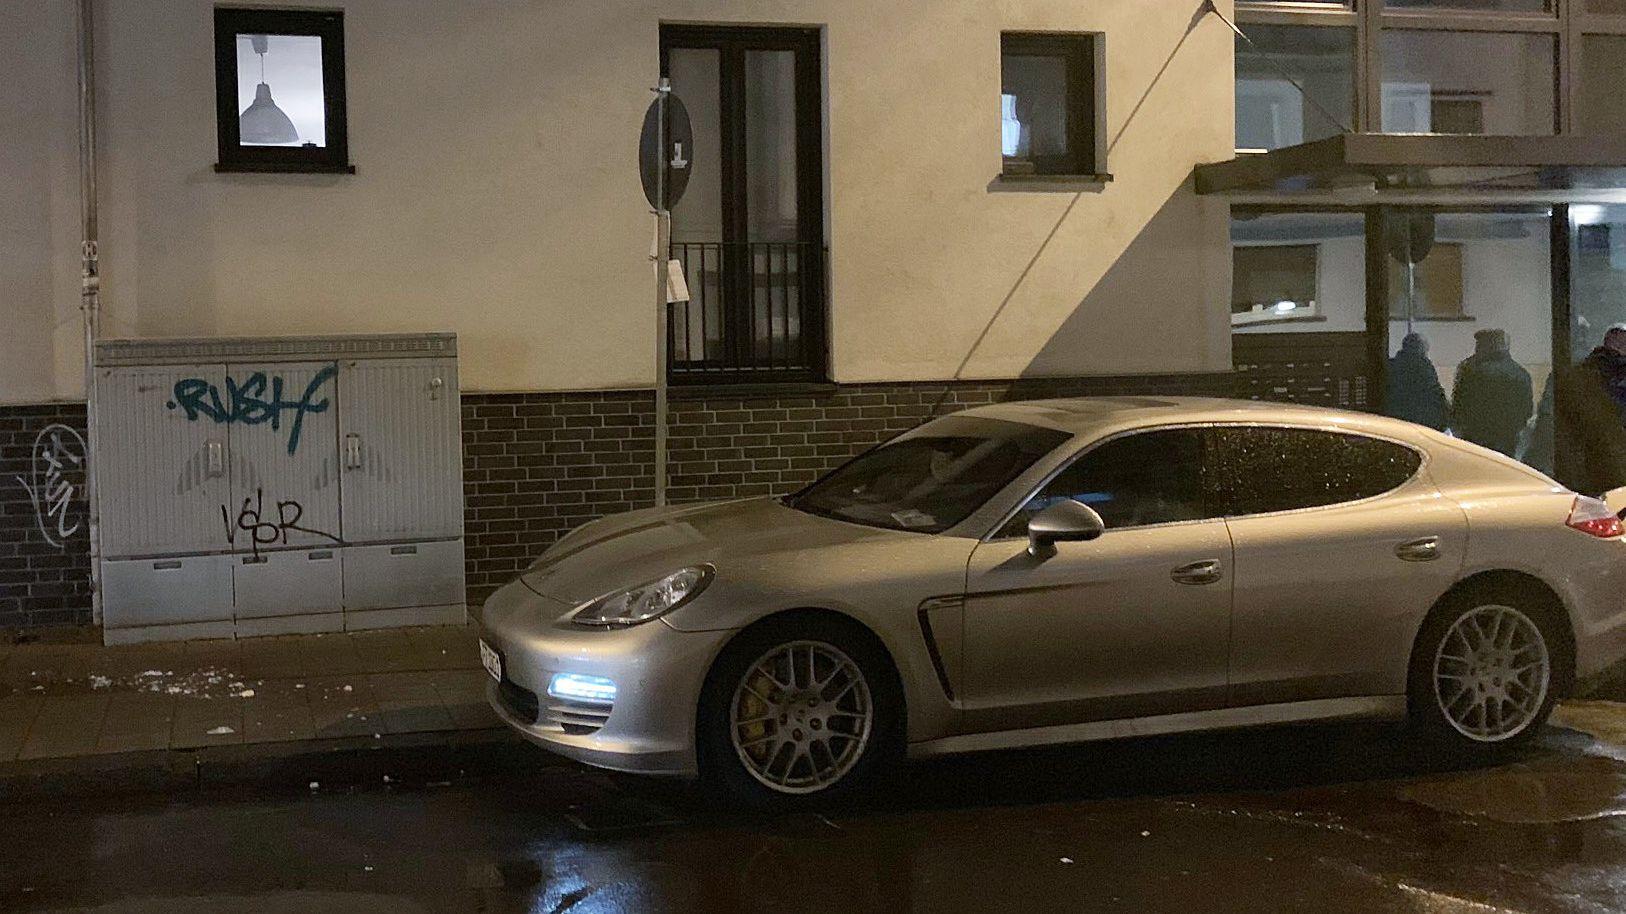 09.05.2019: Porsche mit Einschussloch - Eine 44 Jahre alte Frau ist im hessischen Offenbach auf offener Straße erschossen worden.